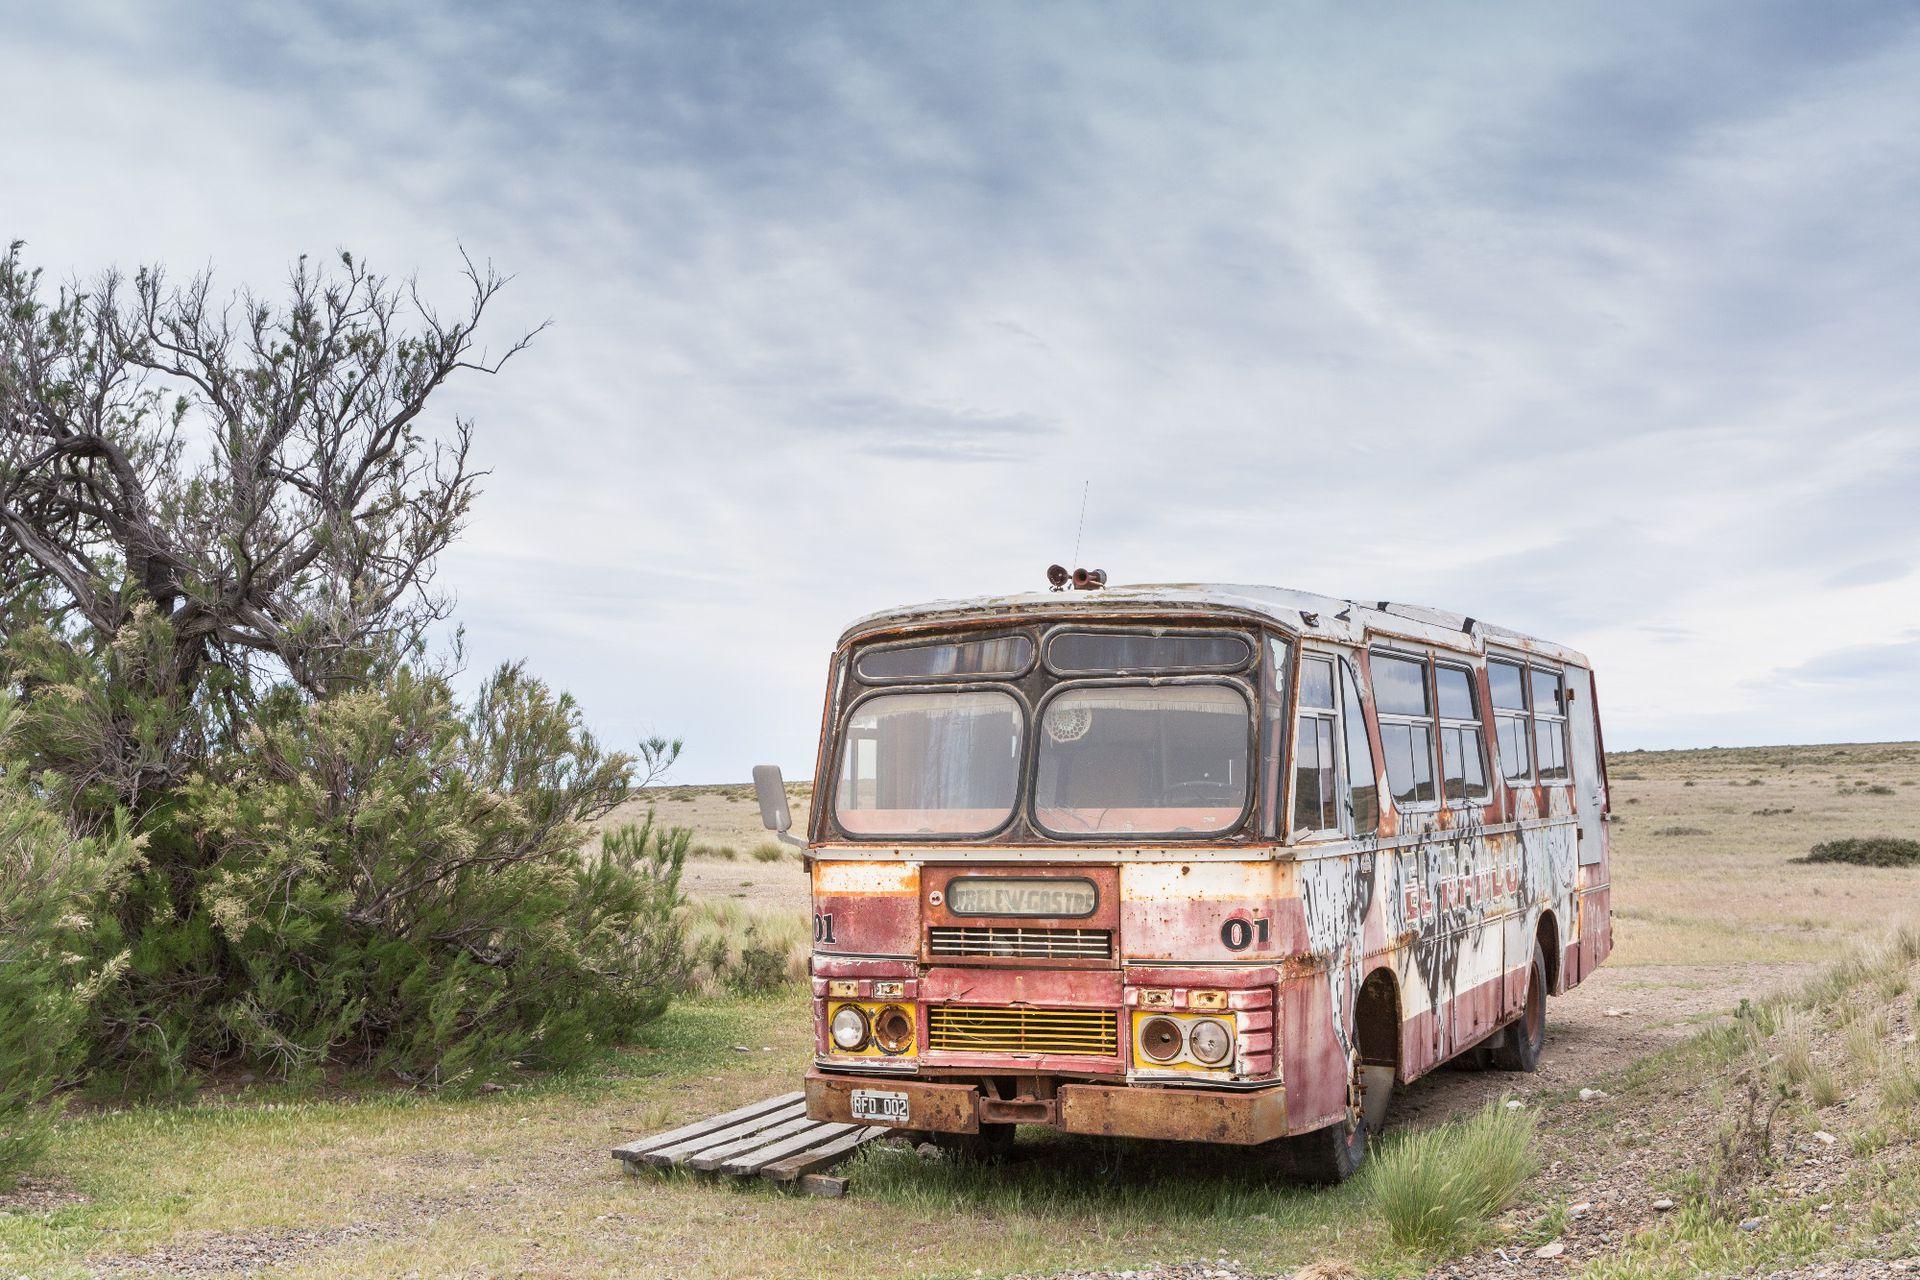 Bus pintado con grafitis en Cabo Raso, a 76 km de Camarones.